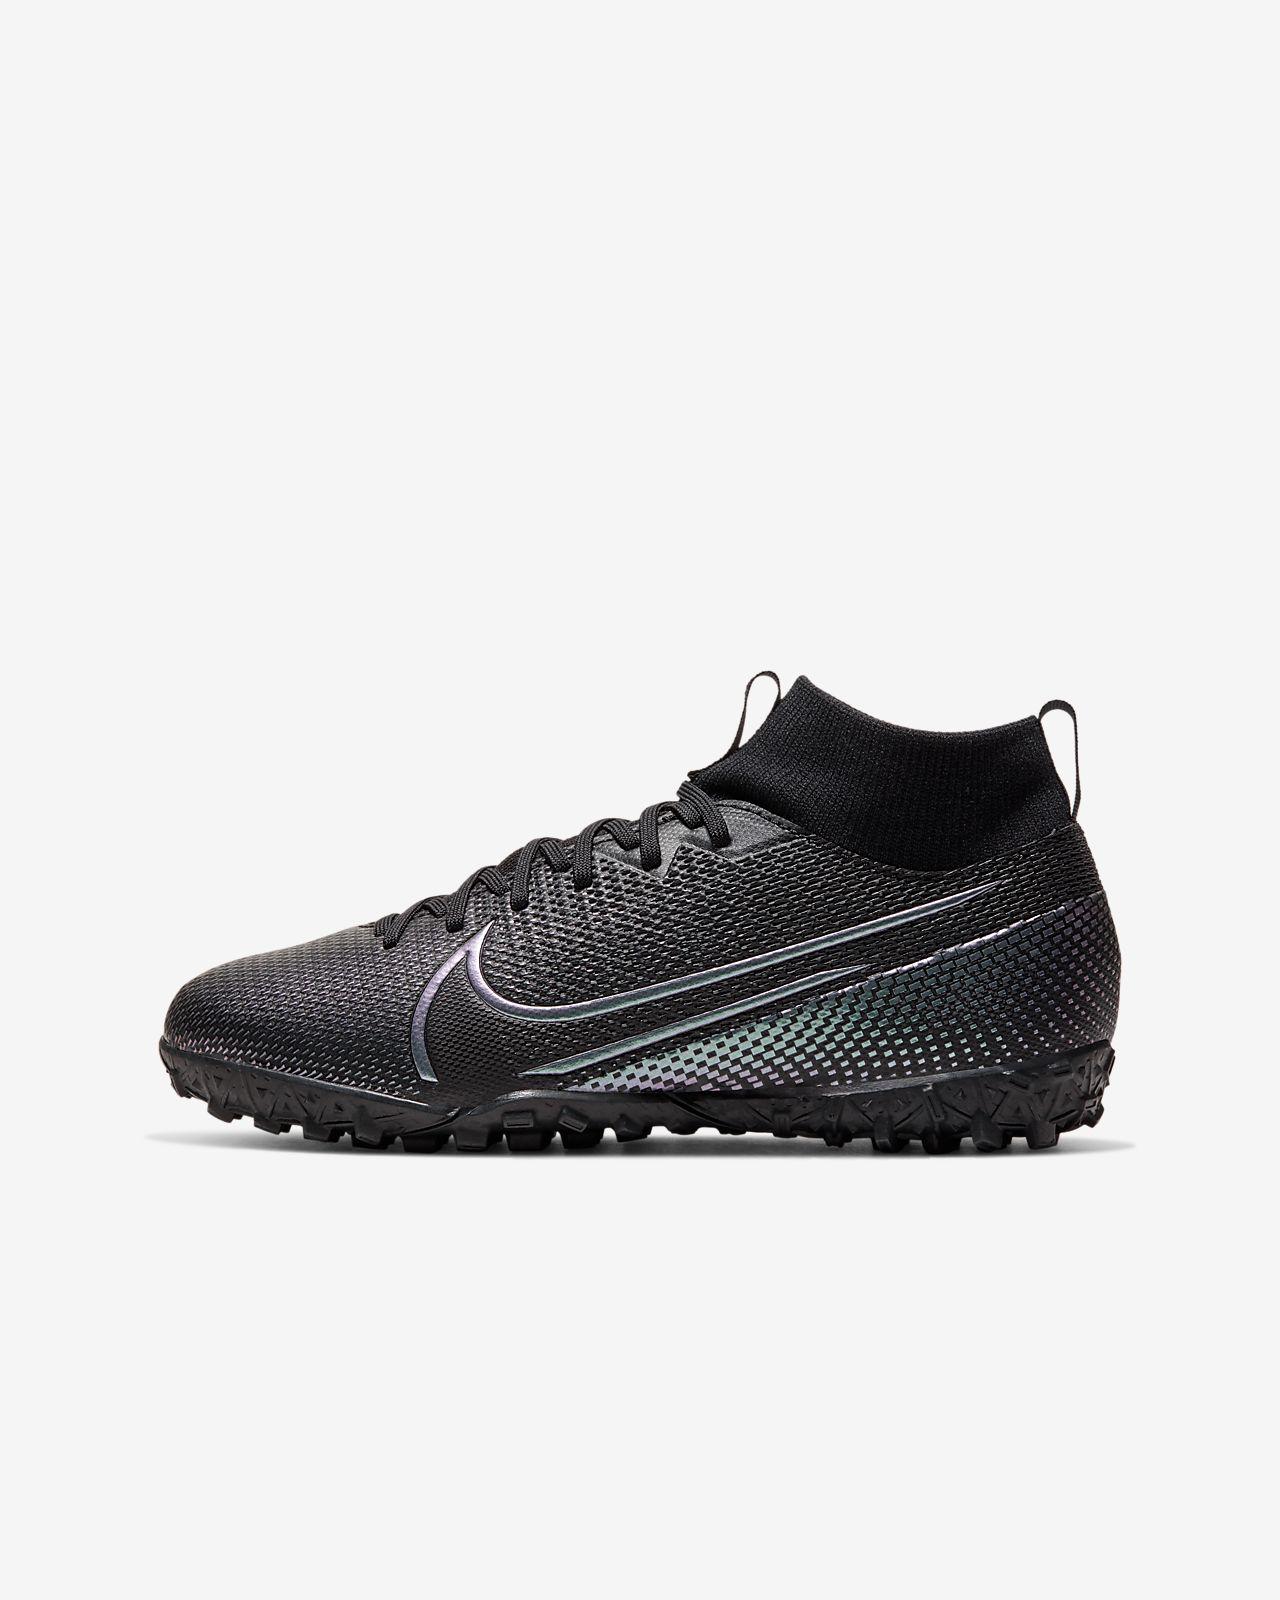 Nike Jr. Mercurial Superfly 7 Academy TF fotballsko for grus/turf til små/store barn